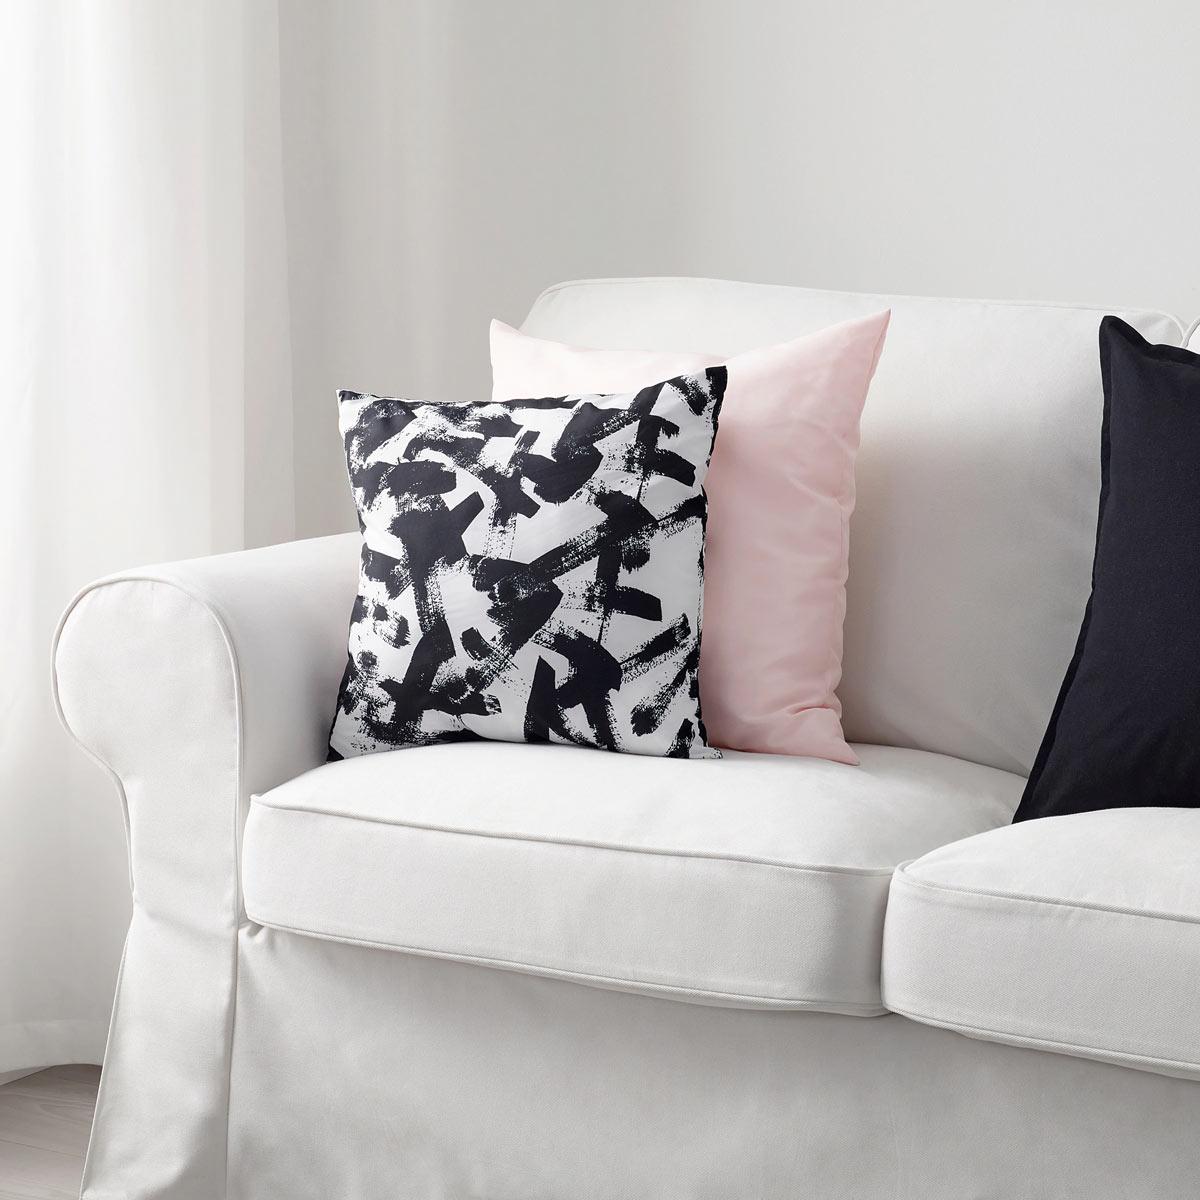 Cuscino IKEA modello TURILL, ideale per decorare il divano durante la primavera.